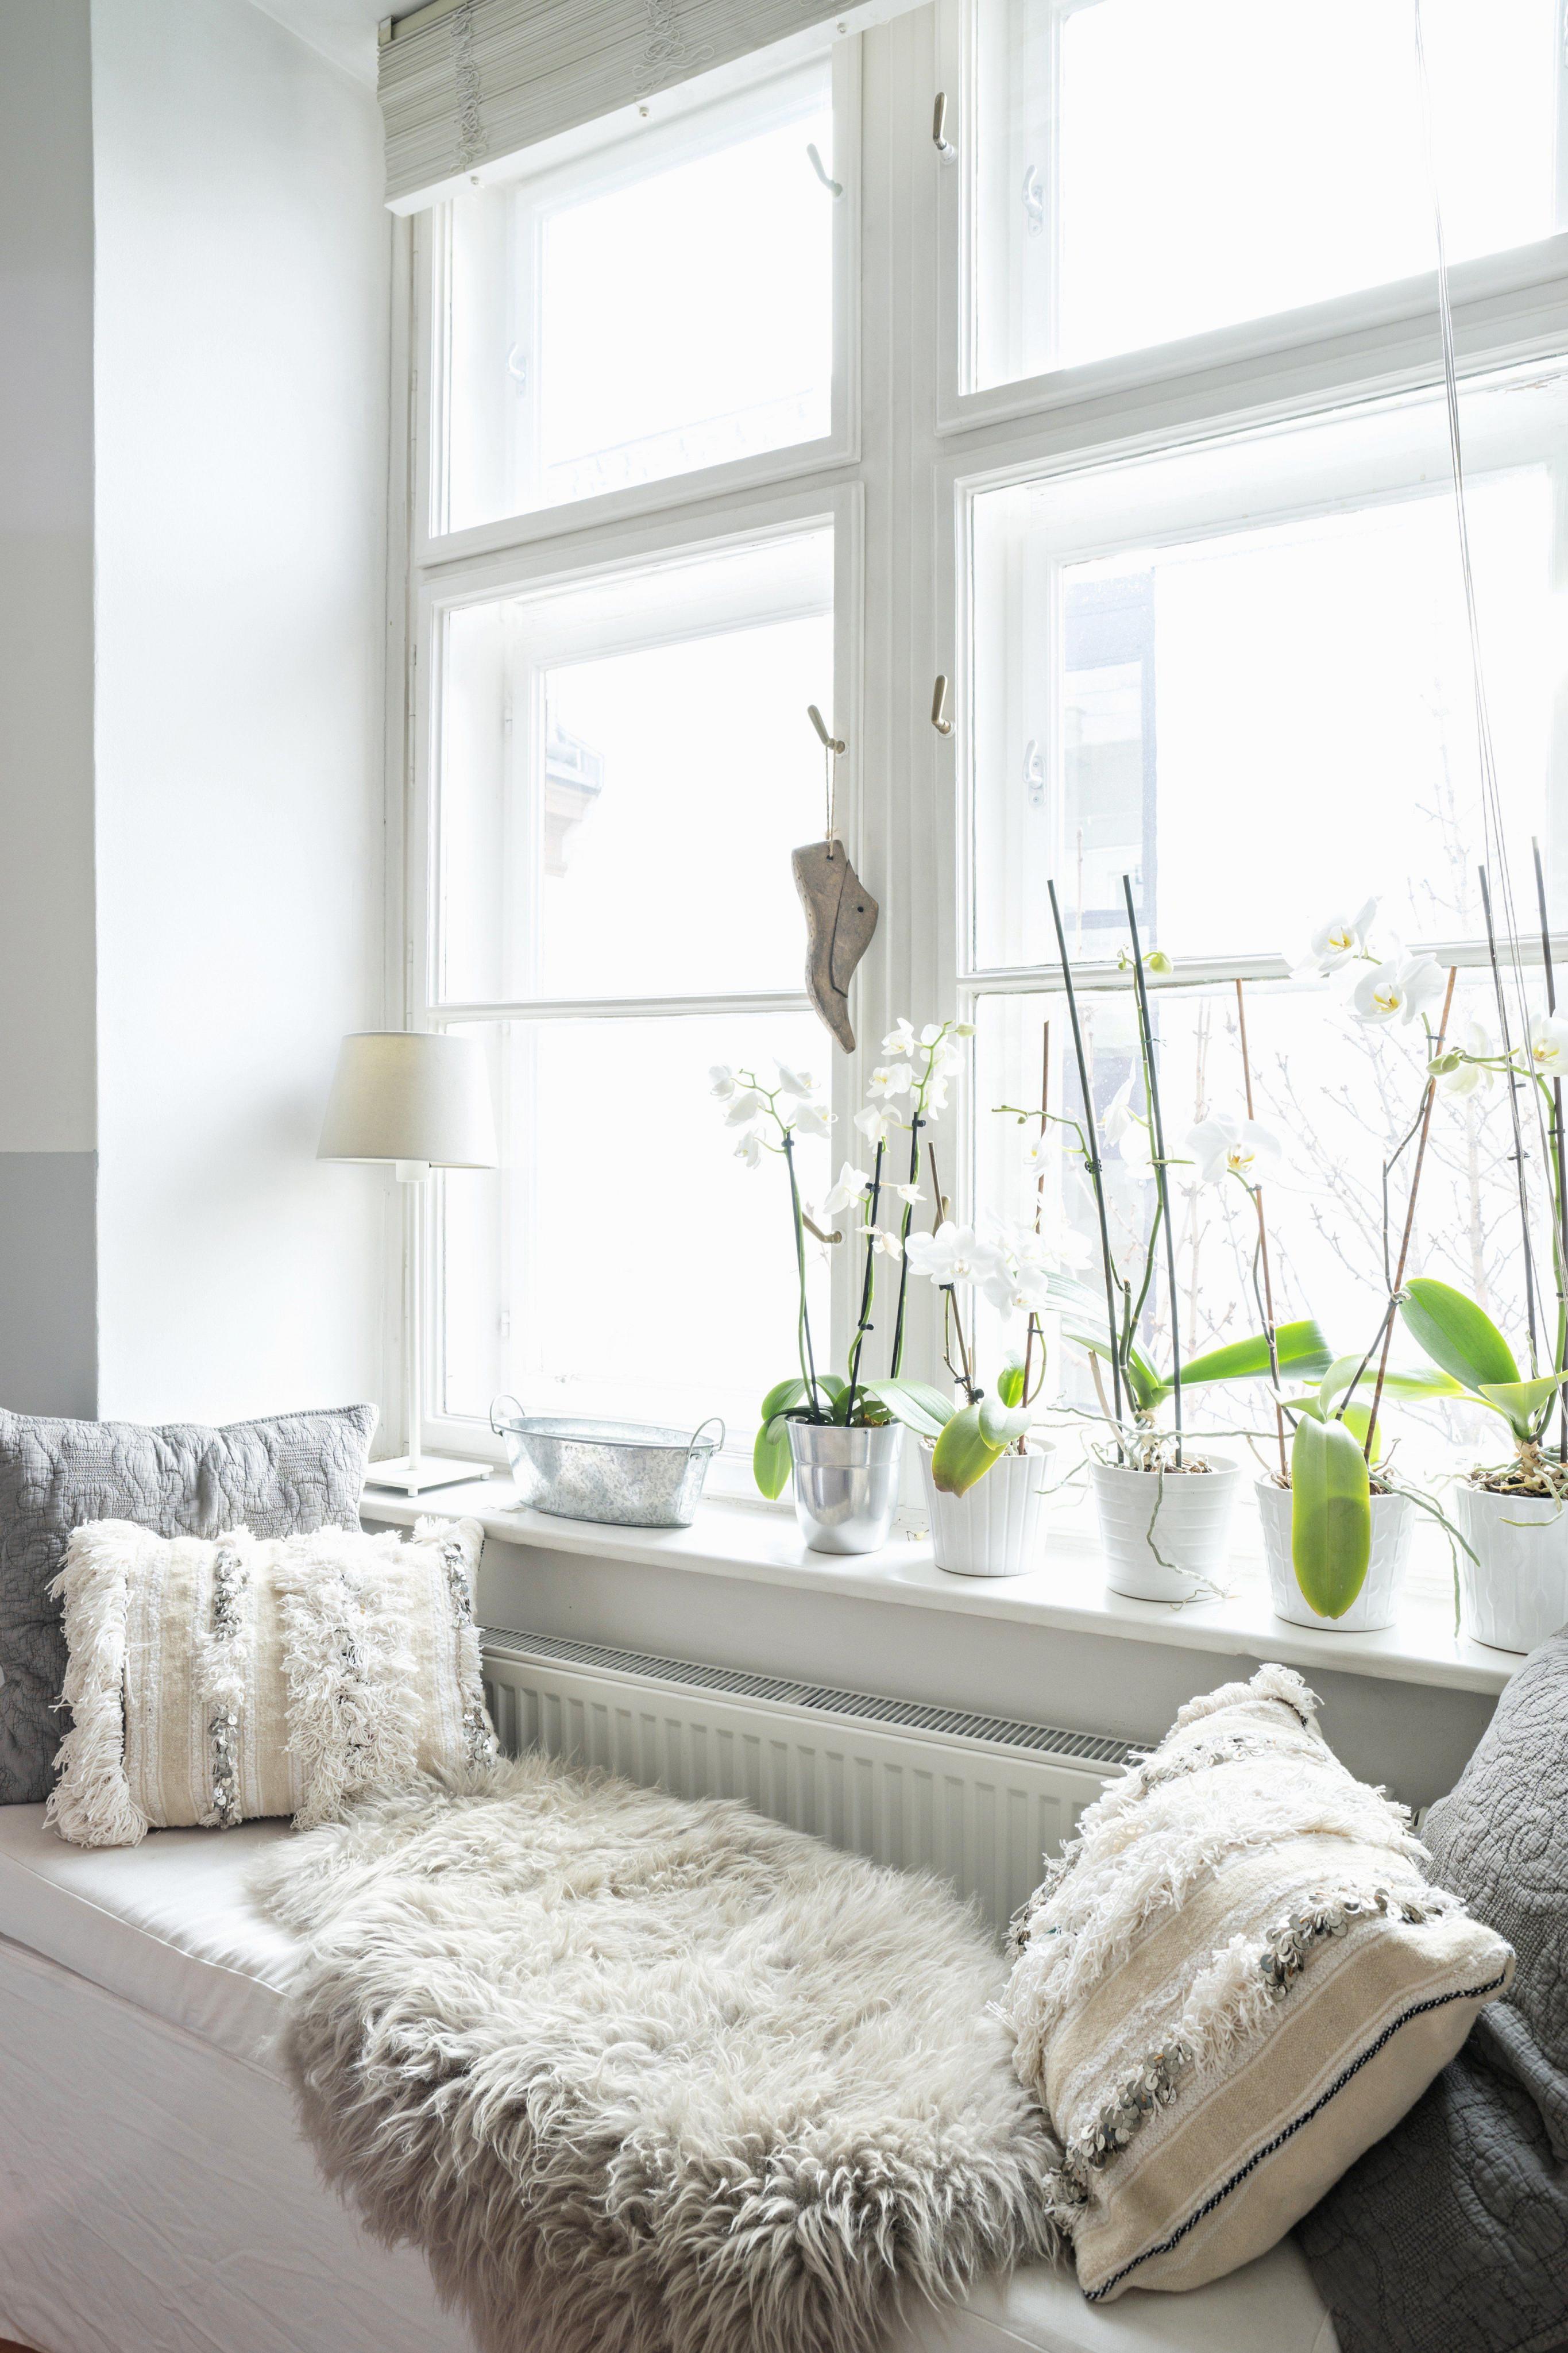 Fensterbänke Dekorieren 11 Styletricks Und Ideen  Das von Deko Fensterbank Wohnzimmer Photo